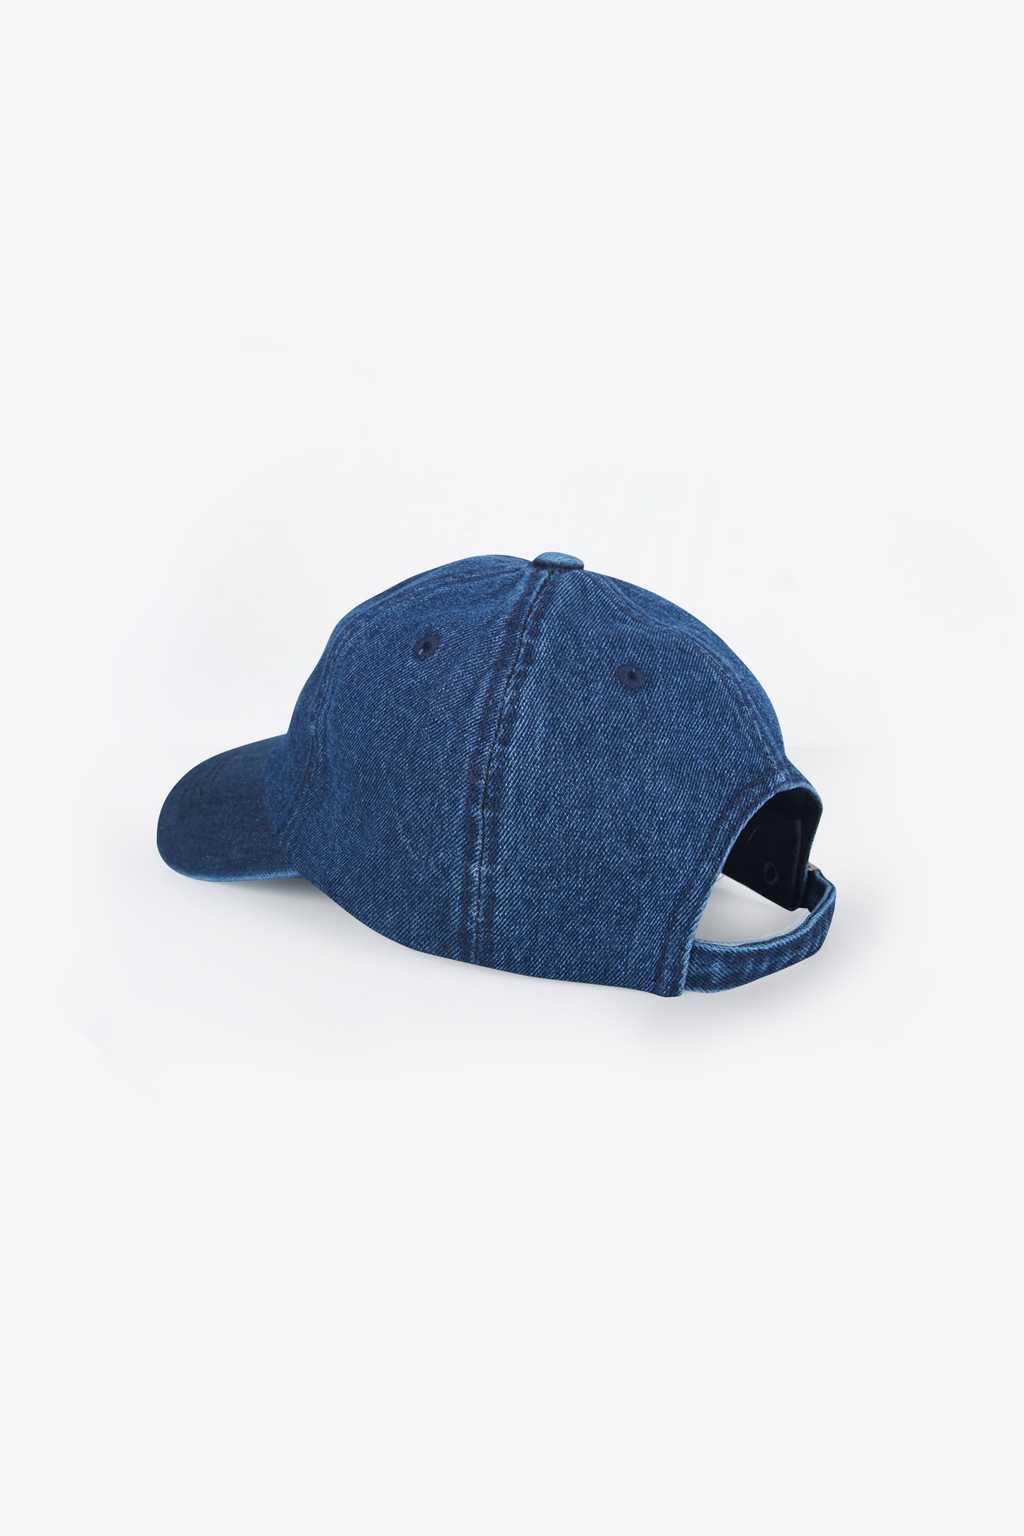 Hat H002 Indigo 4